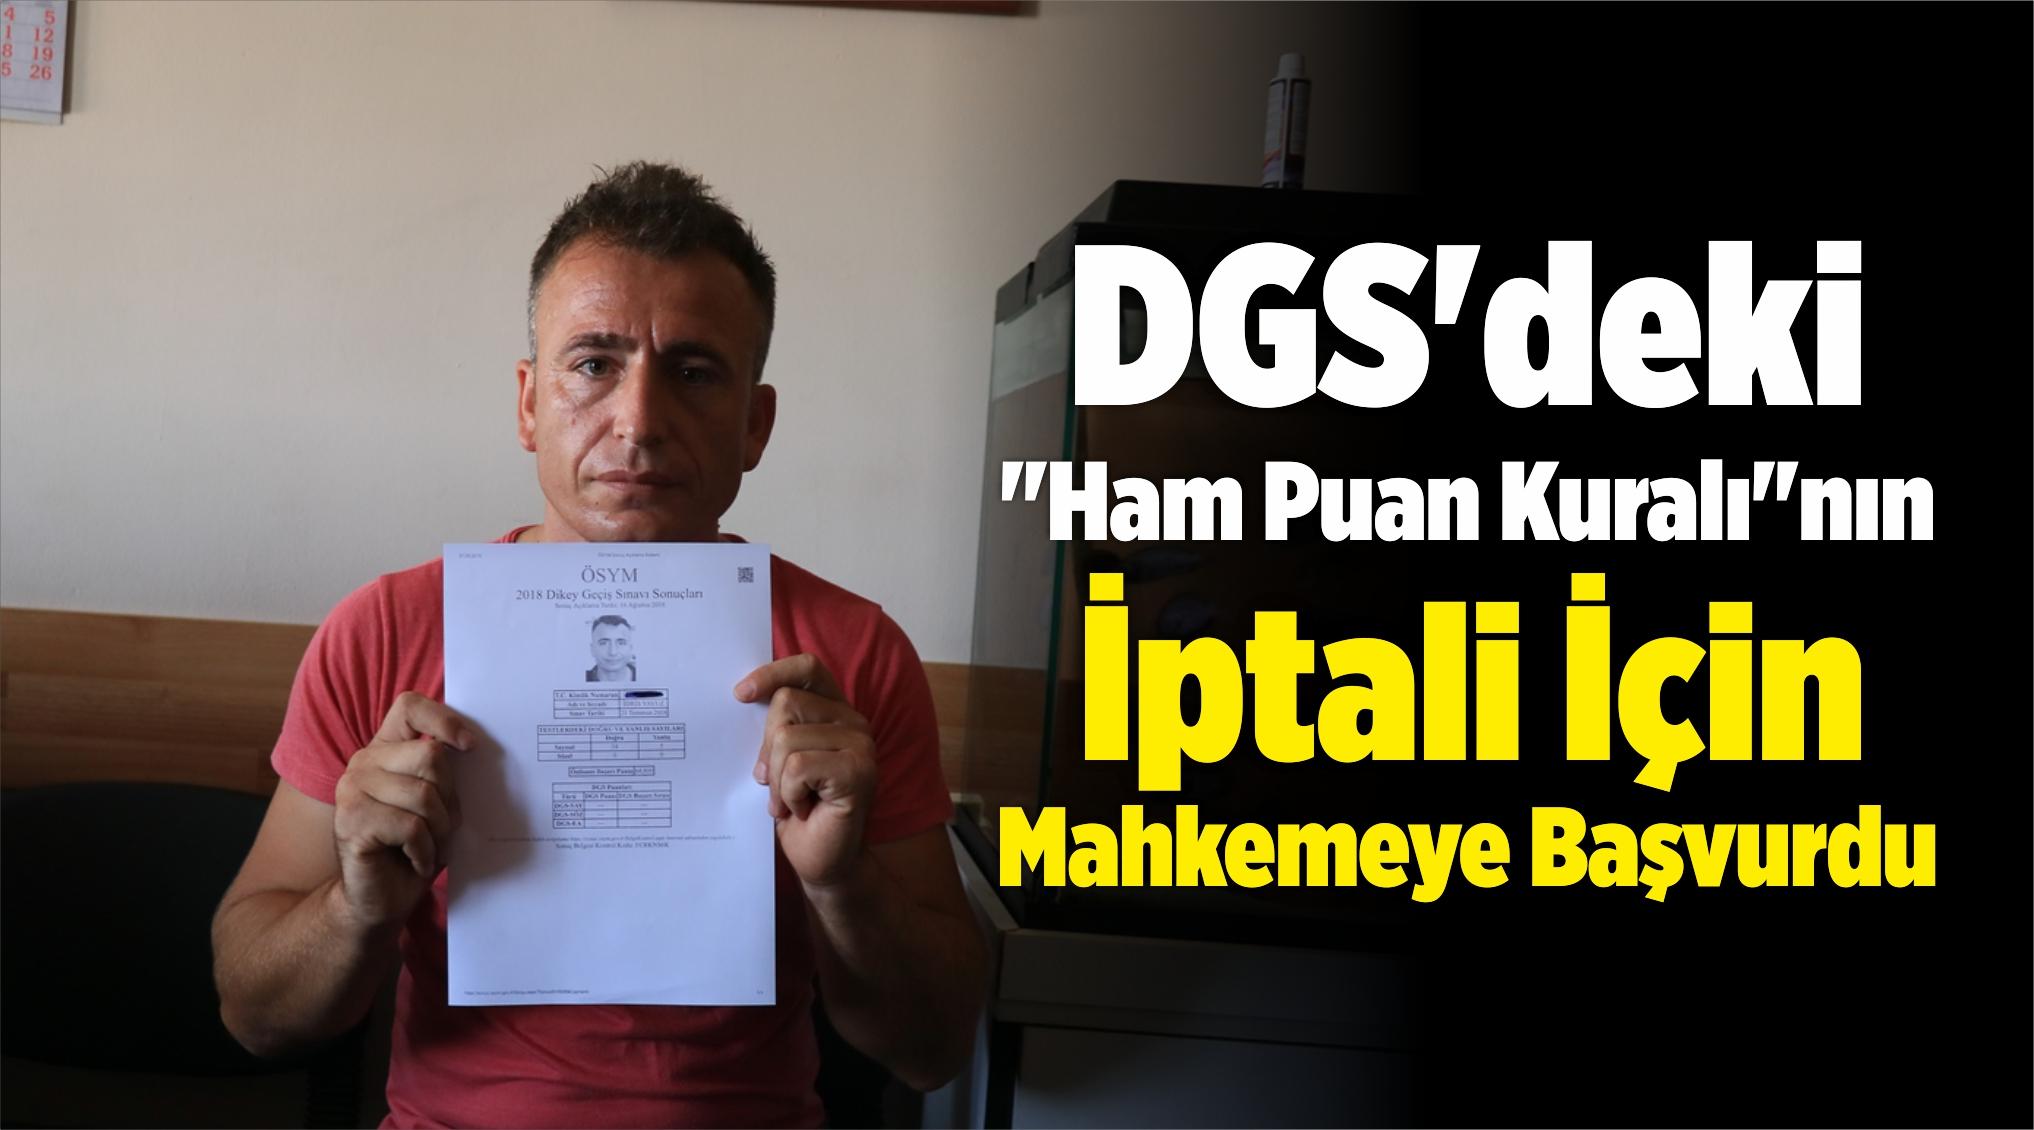 """DGS'deki """"Ham Puan Kuralı""""nın İptali İçin Mahkemeye Başvurdu"""